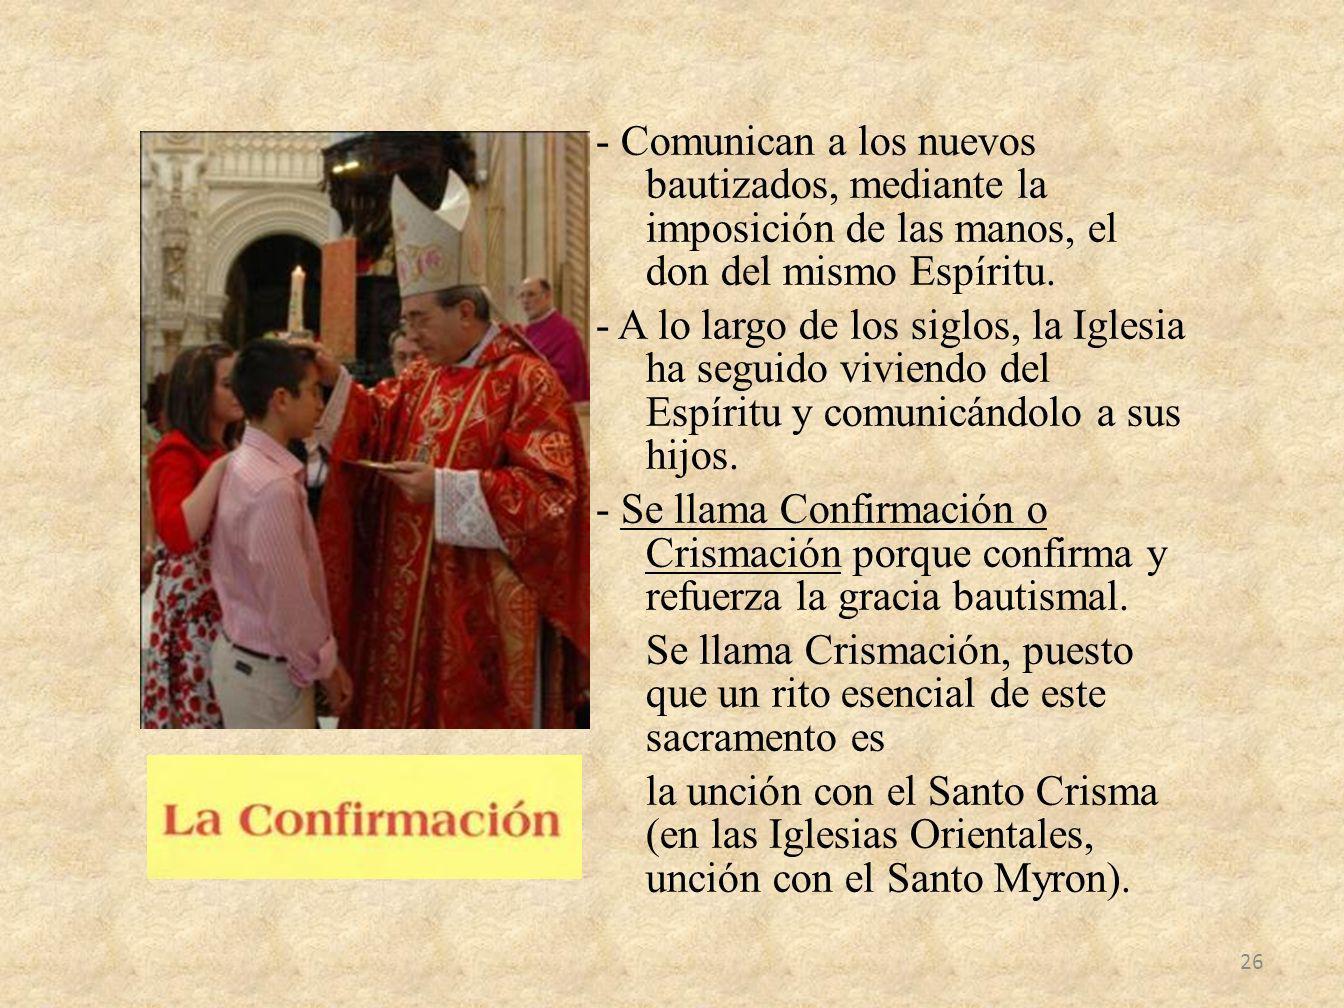 - Comunican a los nuevos bautizados, mediante la imposición de las manos, el don del mismo Espíritu. - A lo largo de los siglos, la Iglesia ha seguido